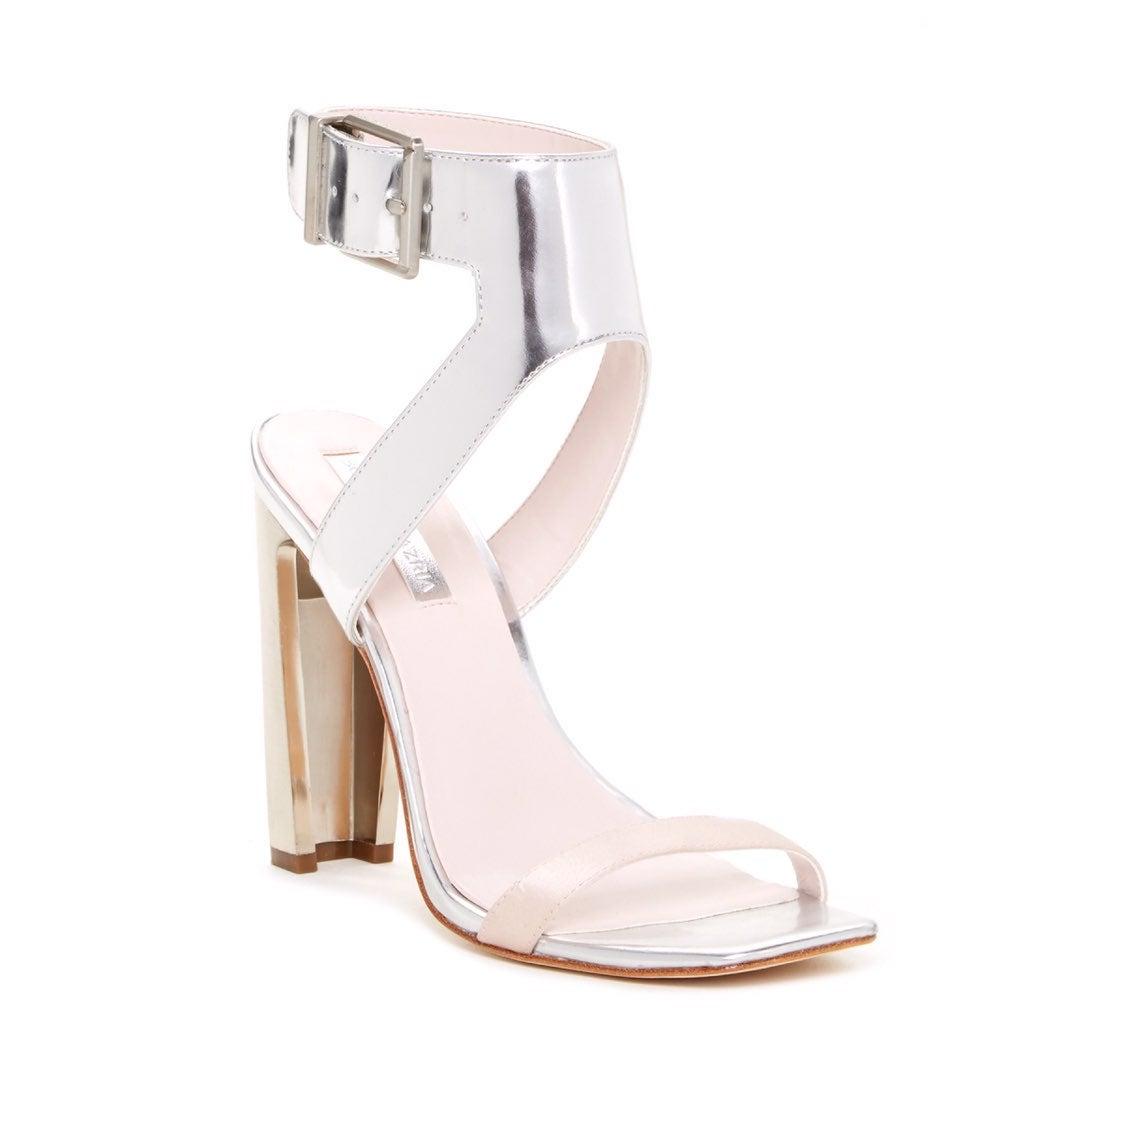 BCBGMAXAZRIA pacer high heel sandals 8